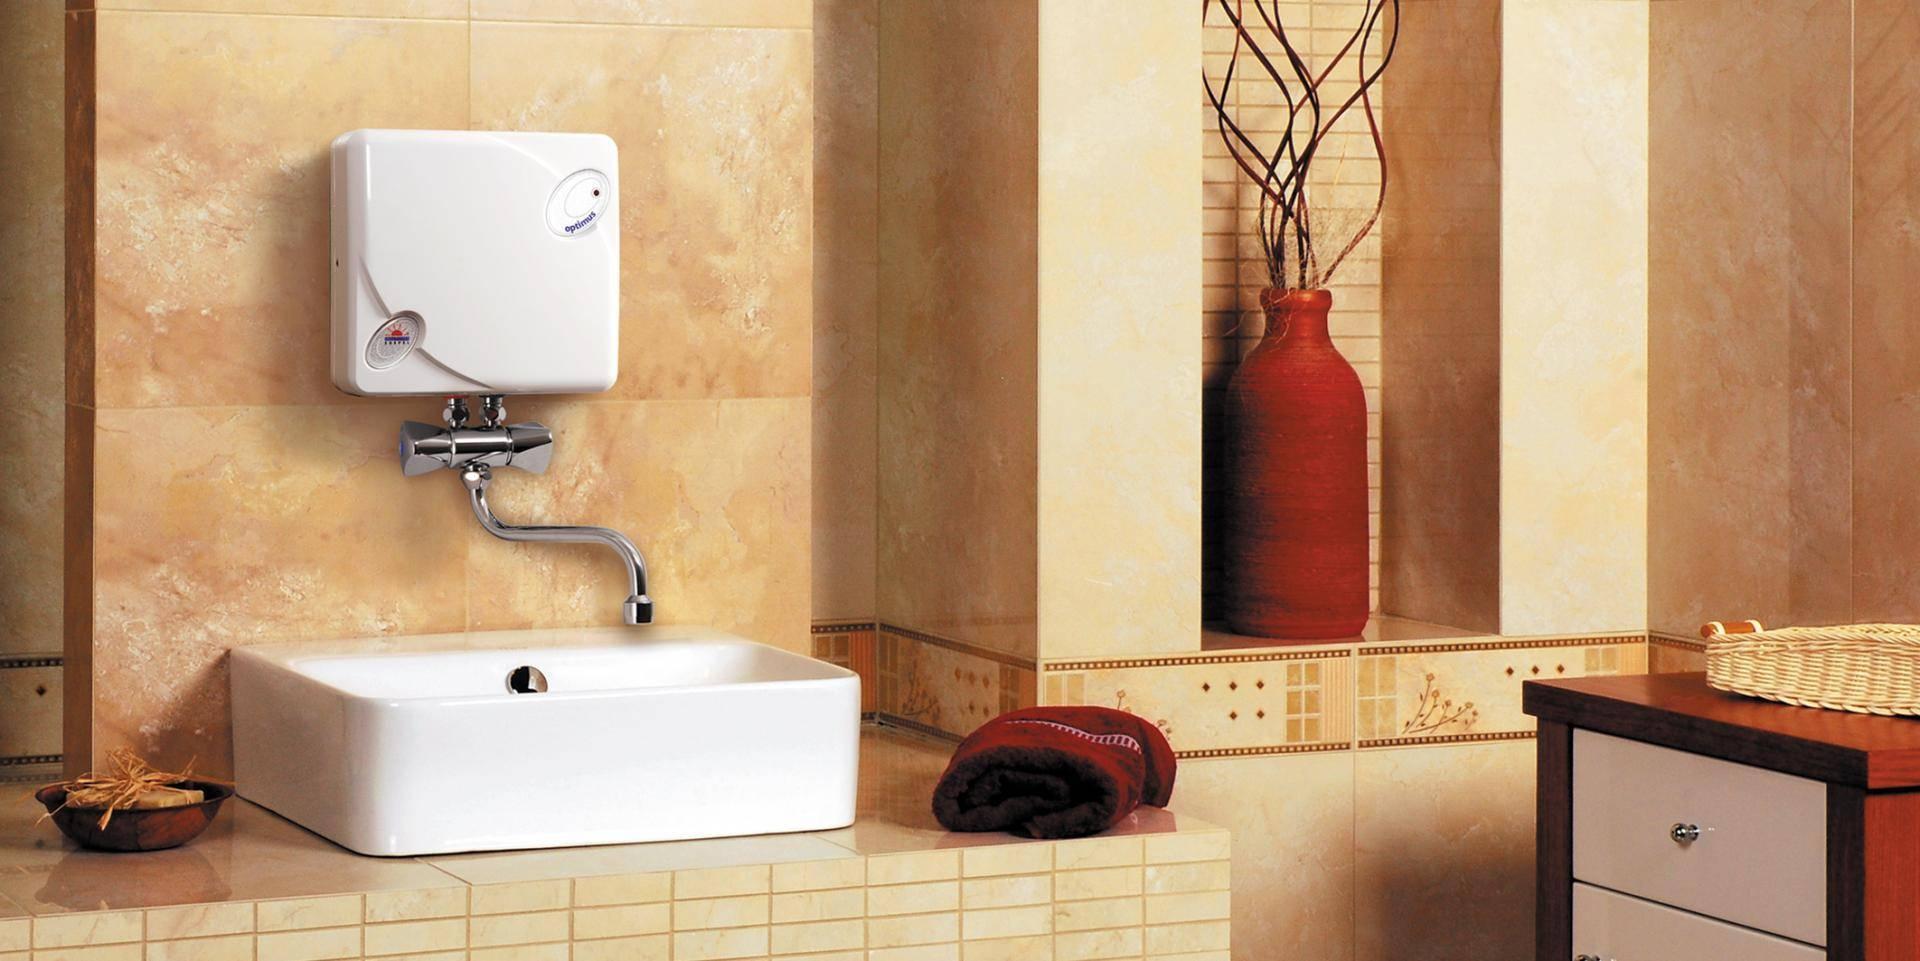 Как выбрать водонагреватель для дачи: преимущества и недостатки